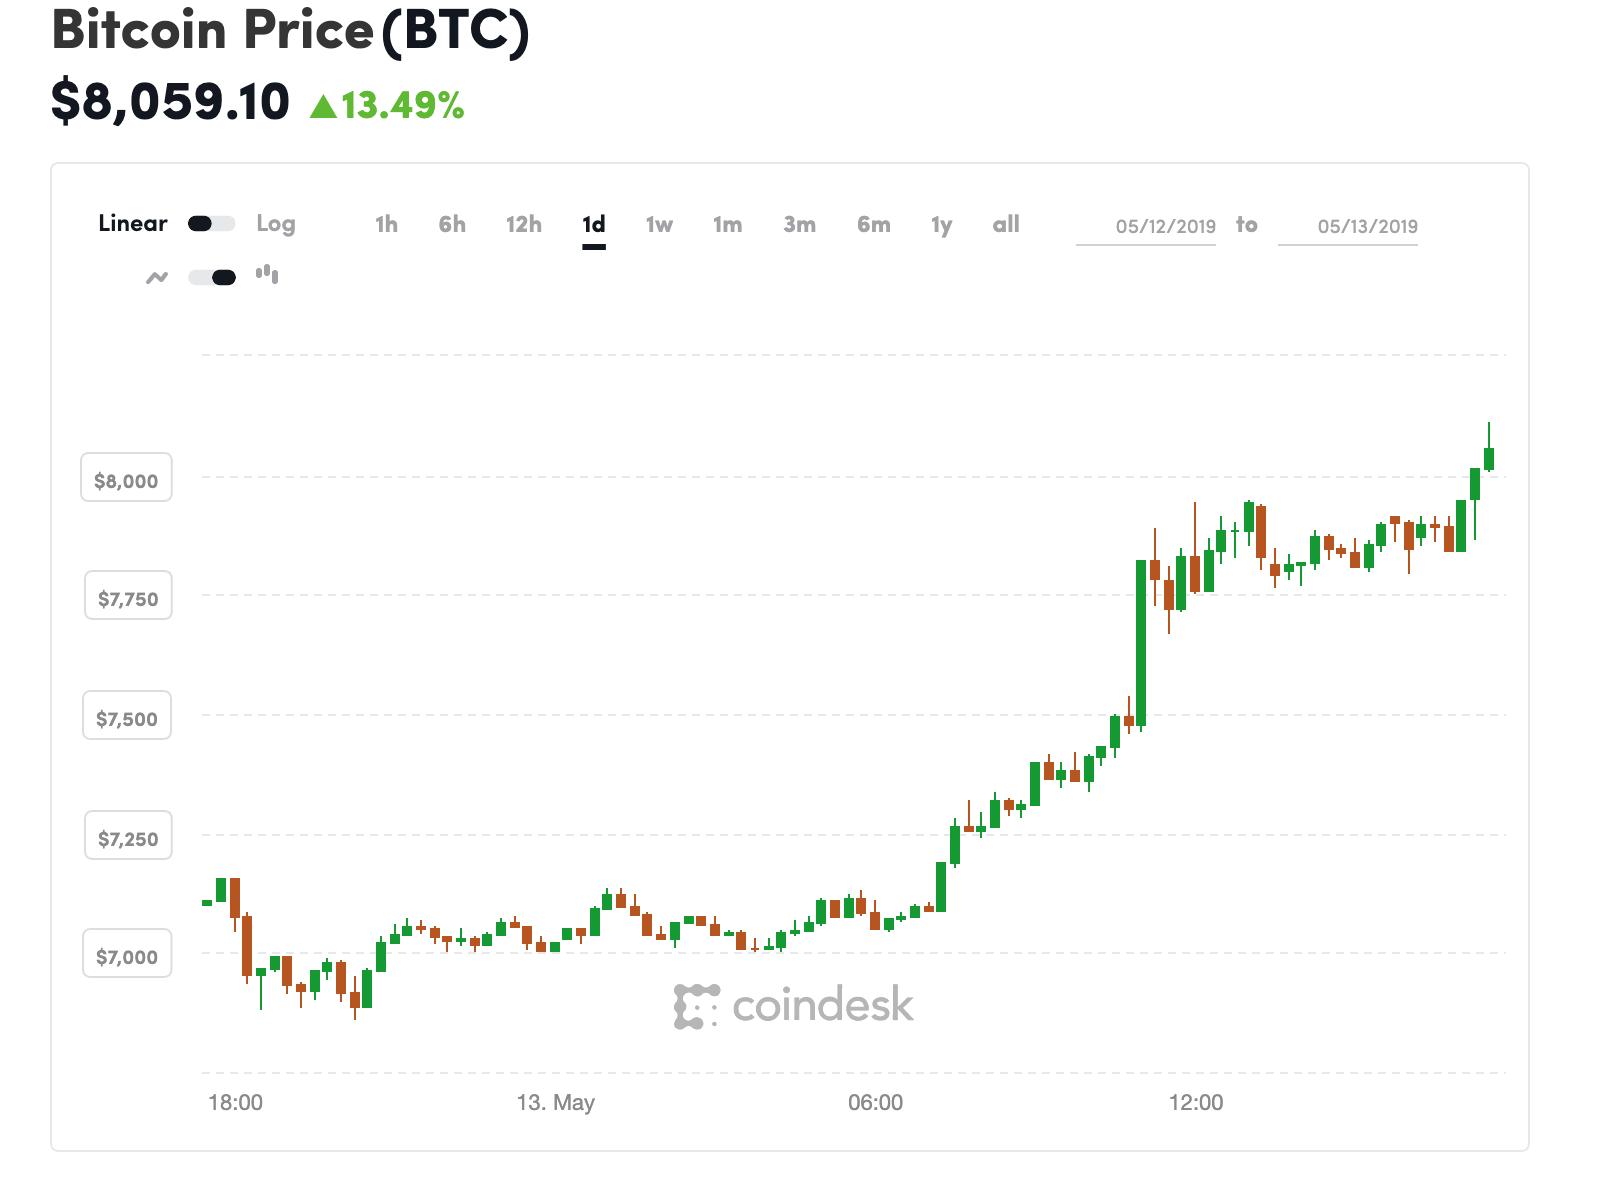 Giá Bitcoin tăng mạnh trong thời gian gần đây